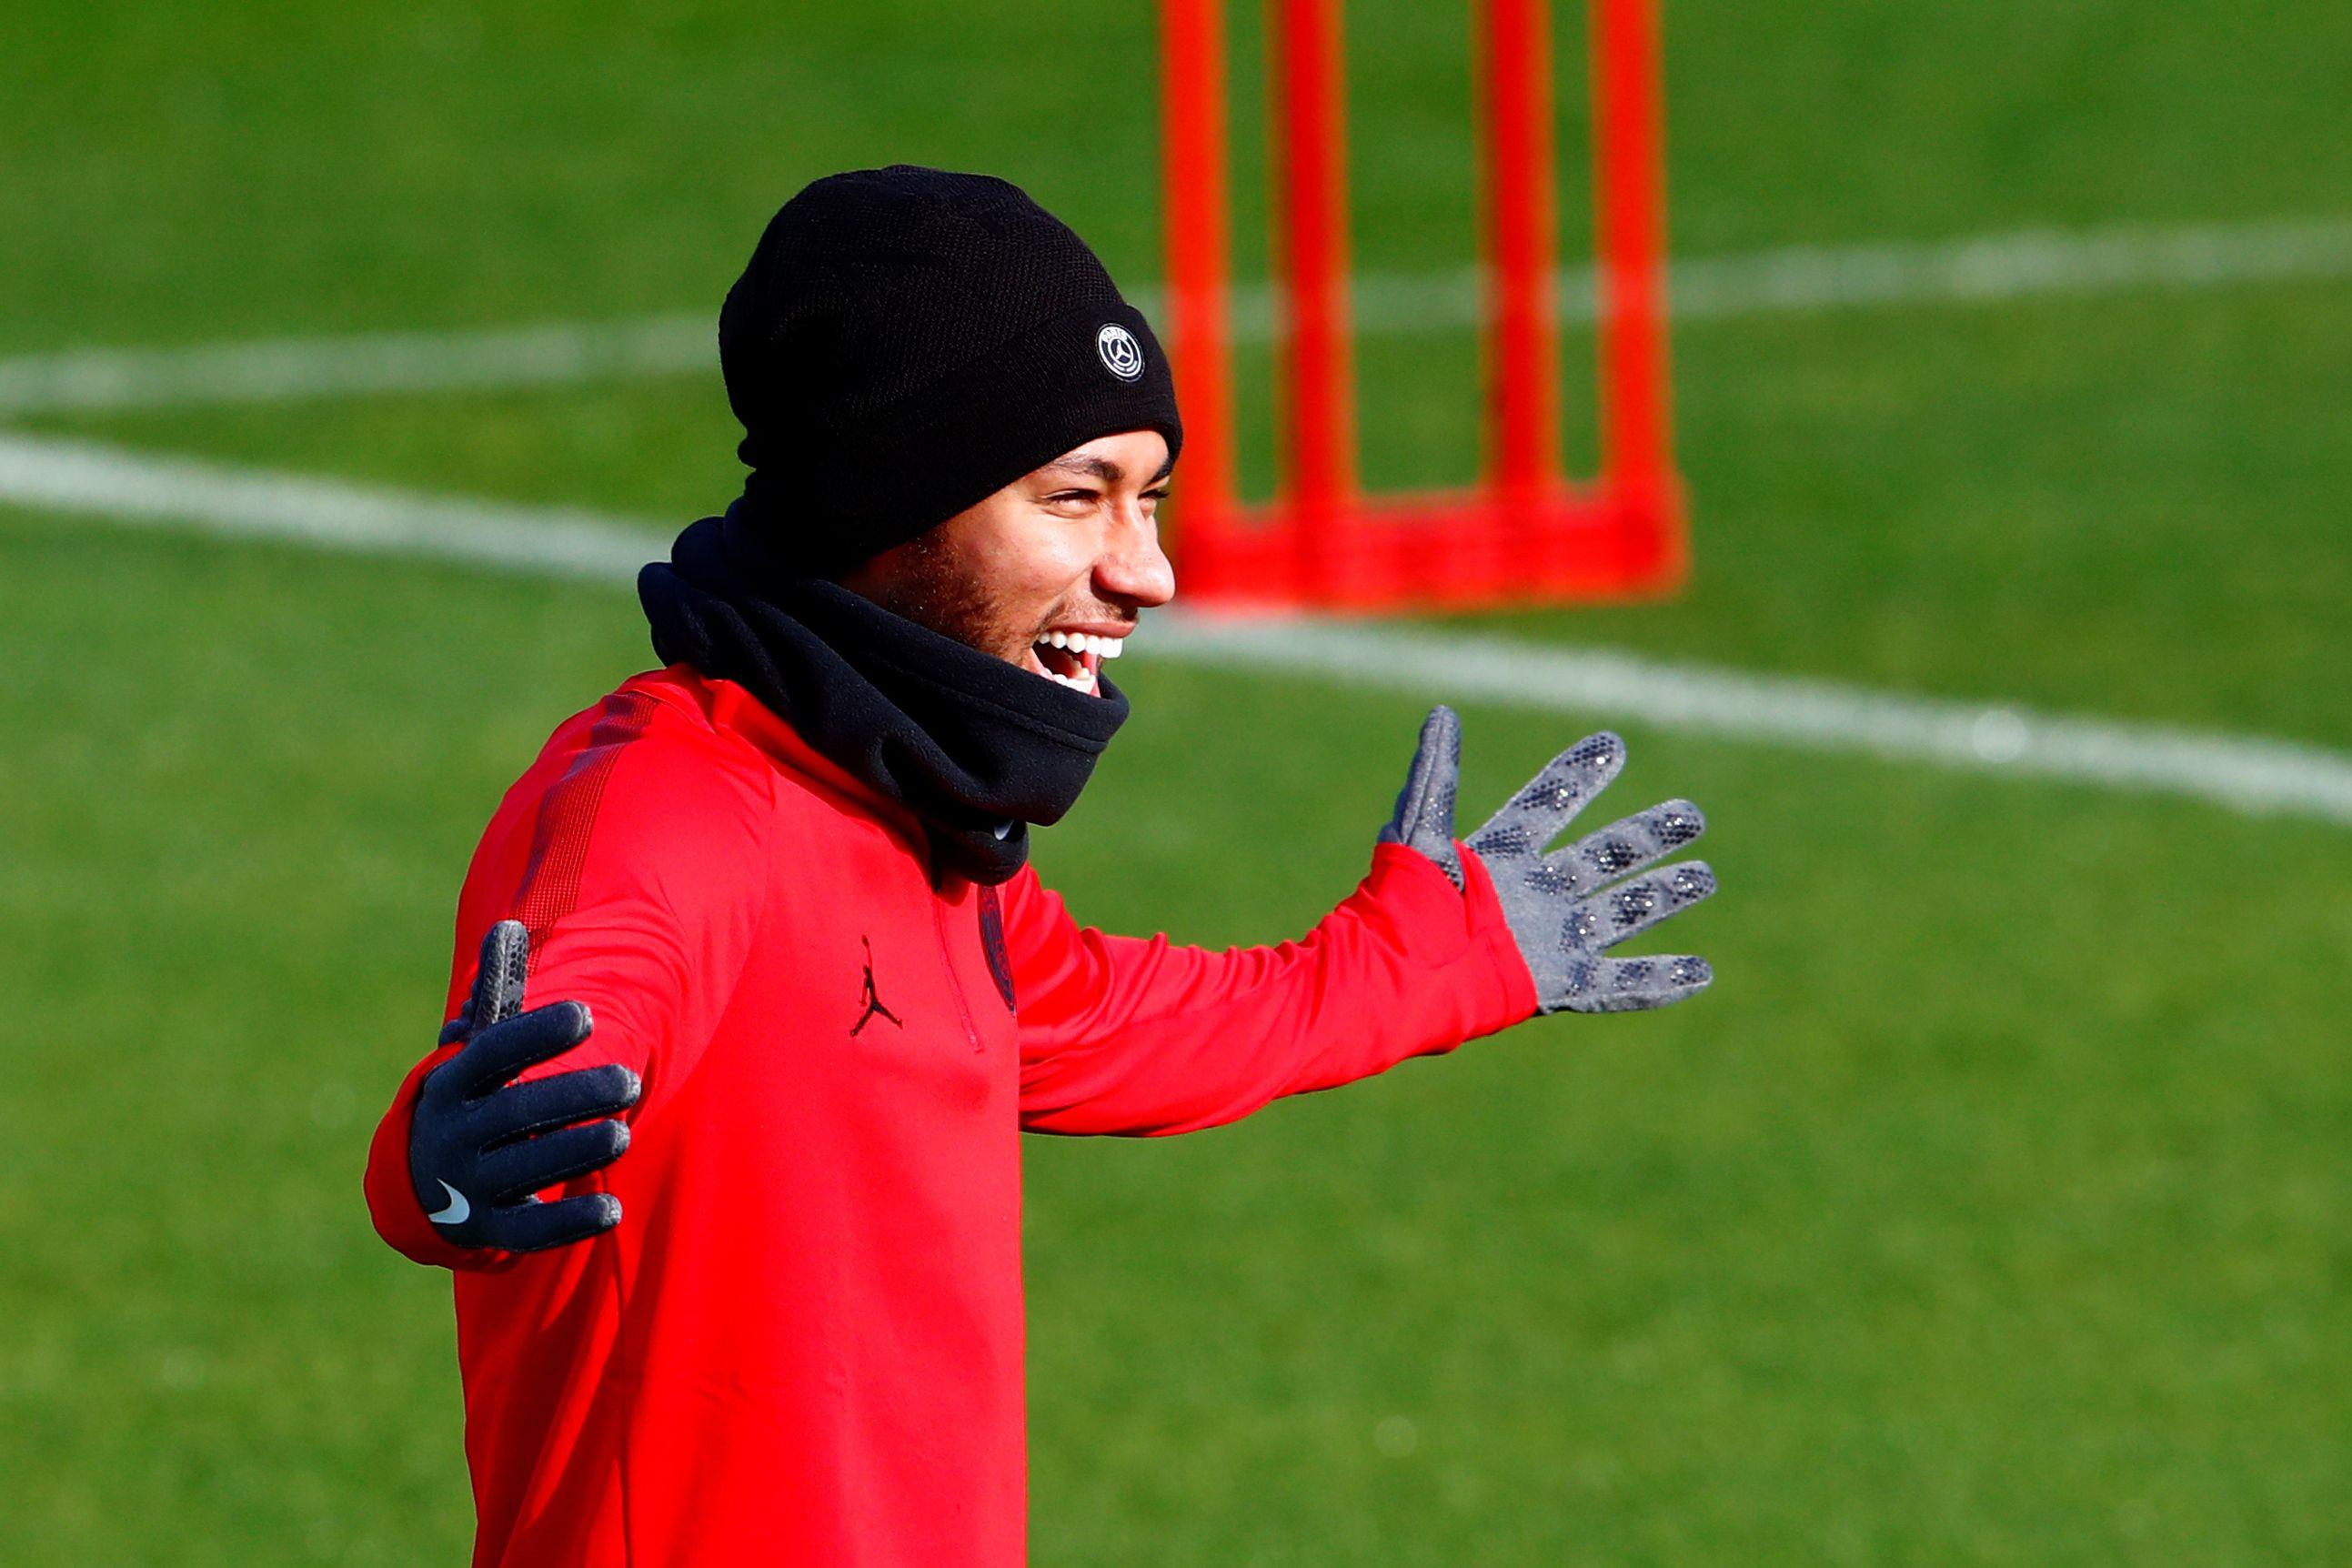 Eis a nova namorada de Neymar, segundo a imprensa brasileira